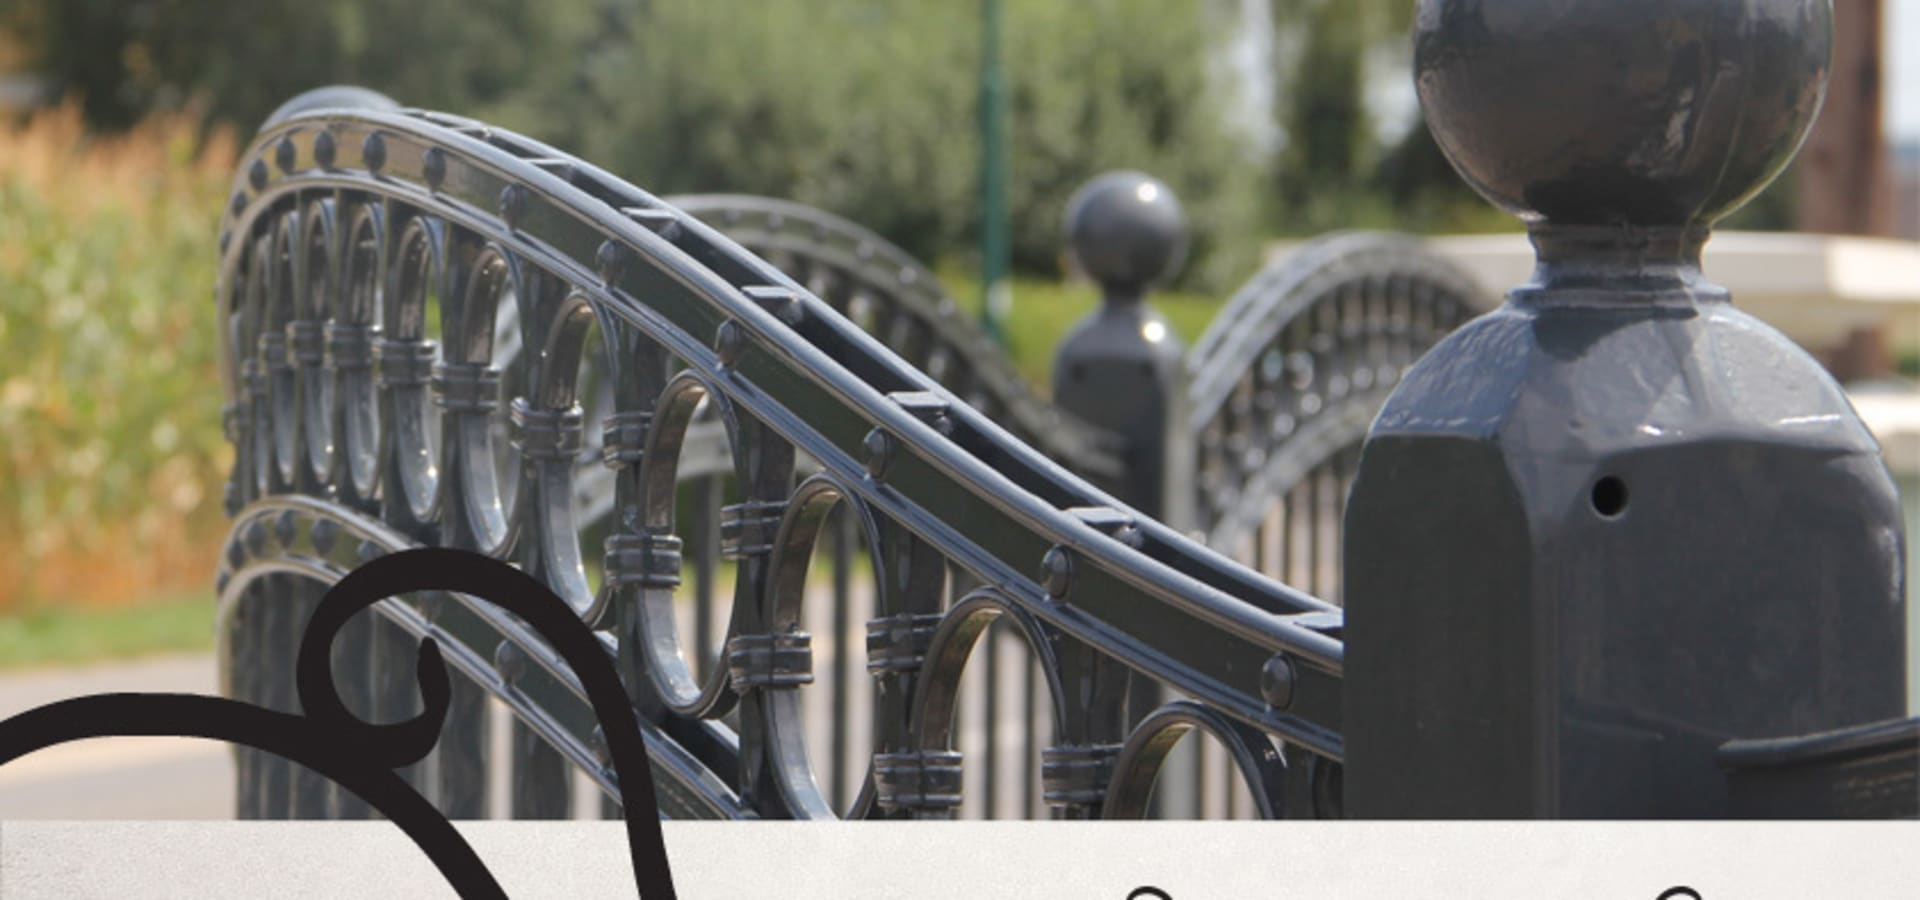 Zaunsystem – Schmiedeeisen Hersteller